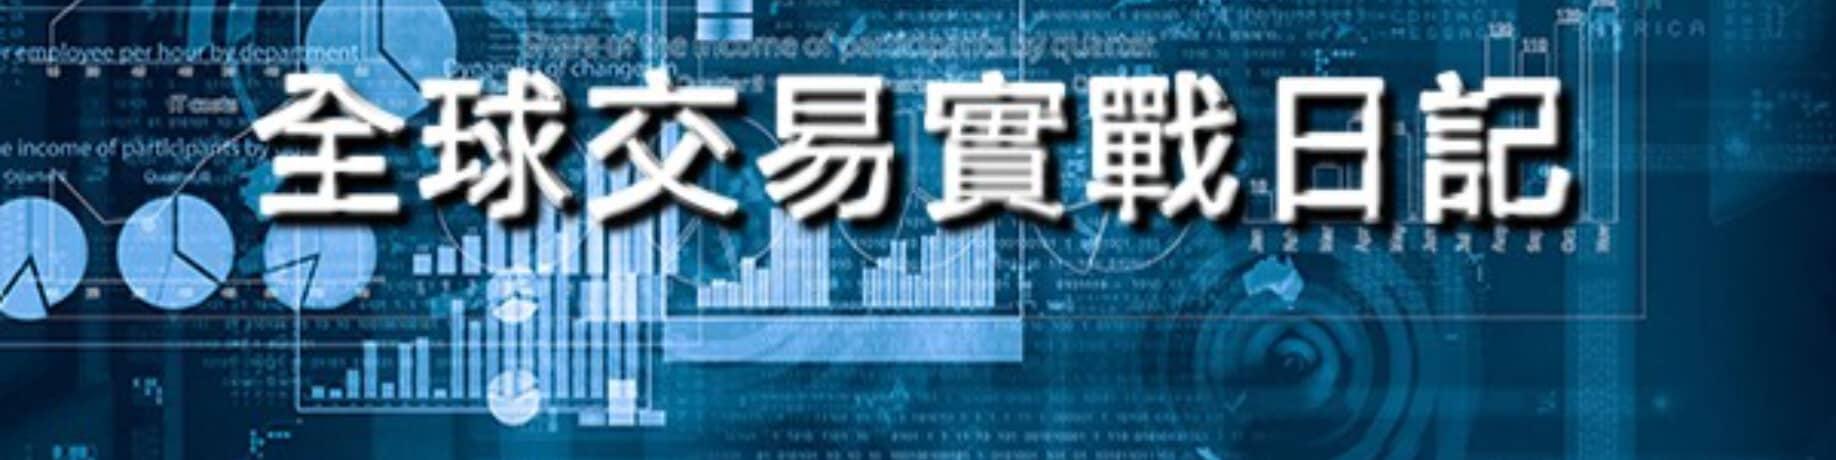 全球交易實戰日記